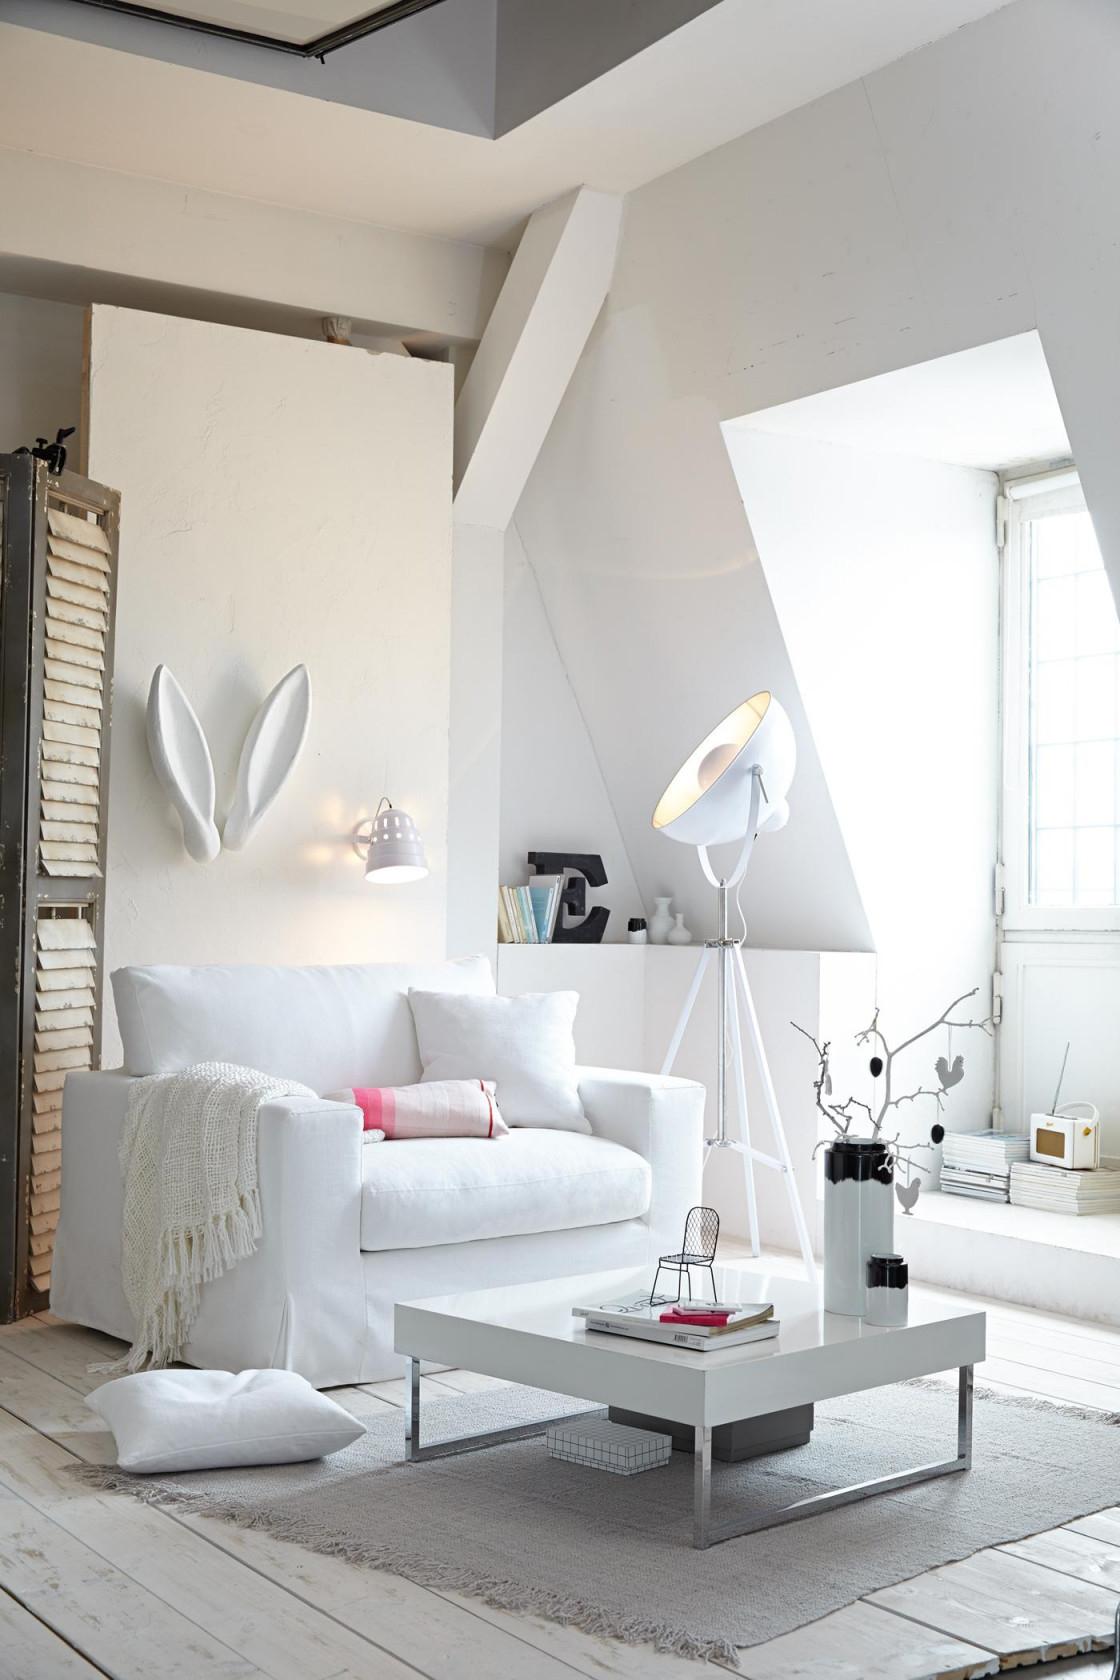 Weißes Wohnzimmer • Bilder  Ideen • Couch von Weißes Wohnzimmer Einrichten Photo